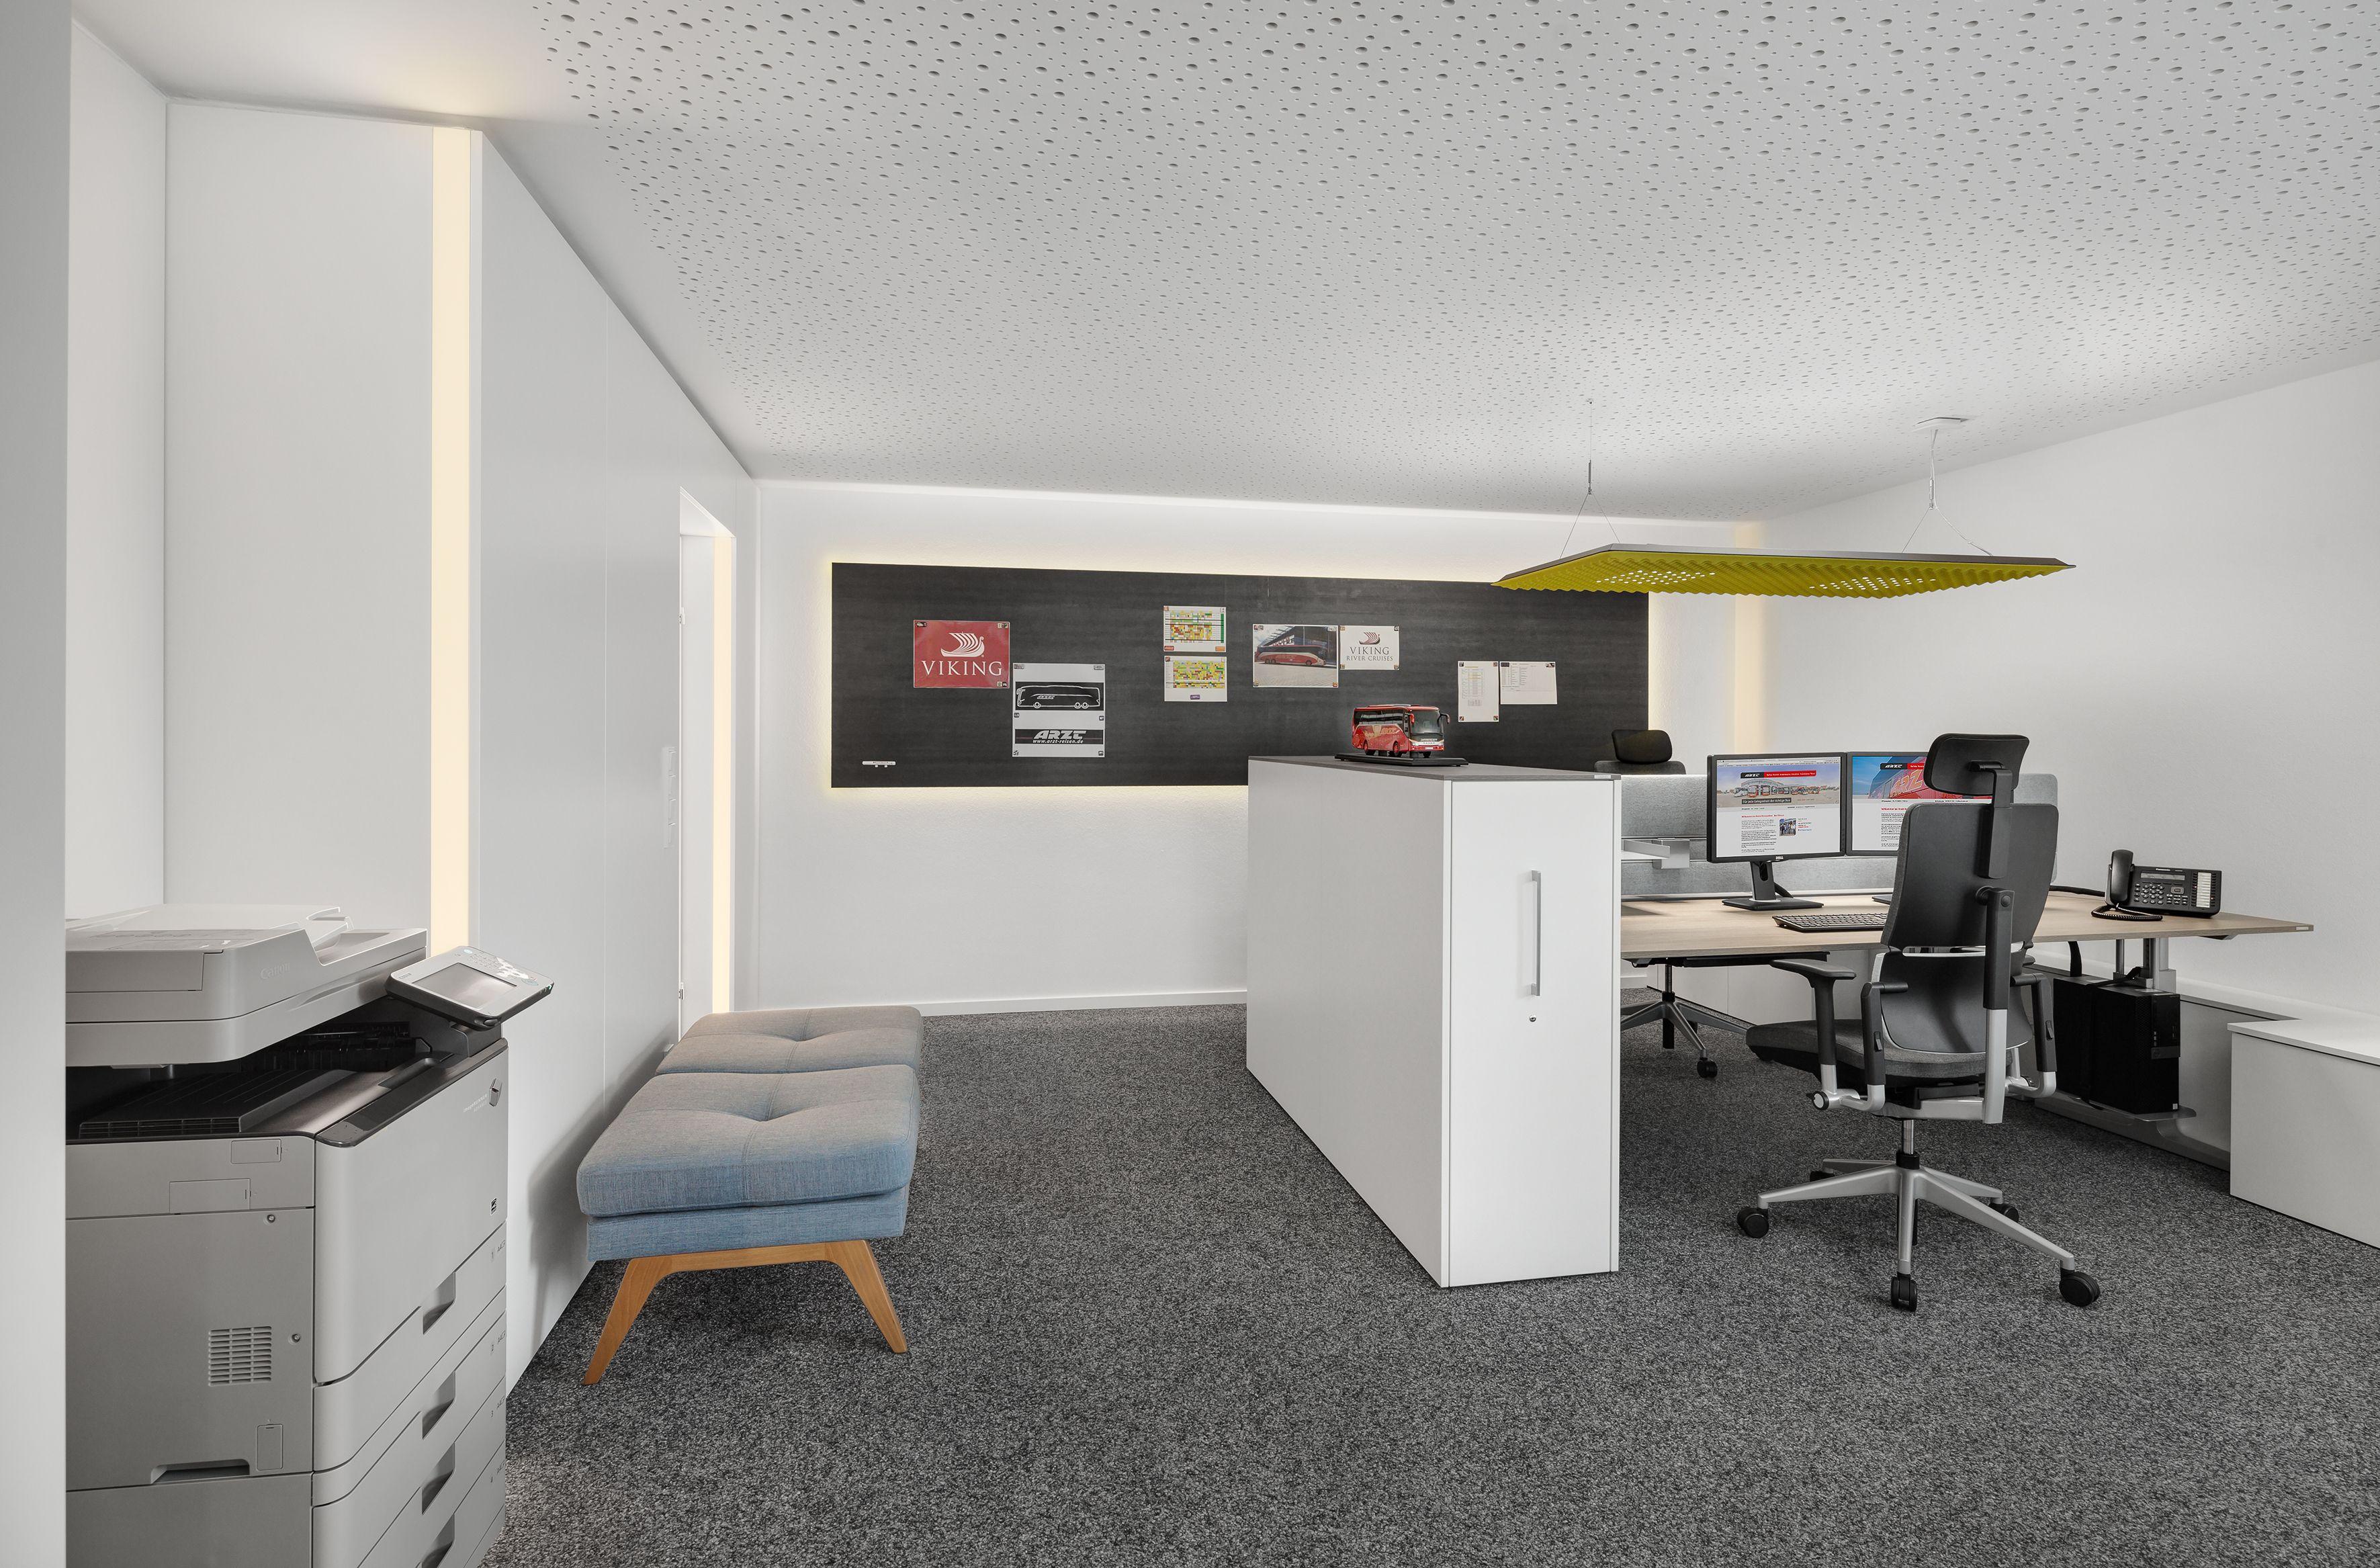 Akustik Decke Dekoration : Marvelous decke wohnzimmer dekoration cedar baum d tapete für